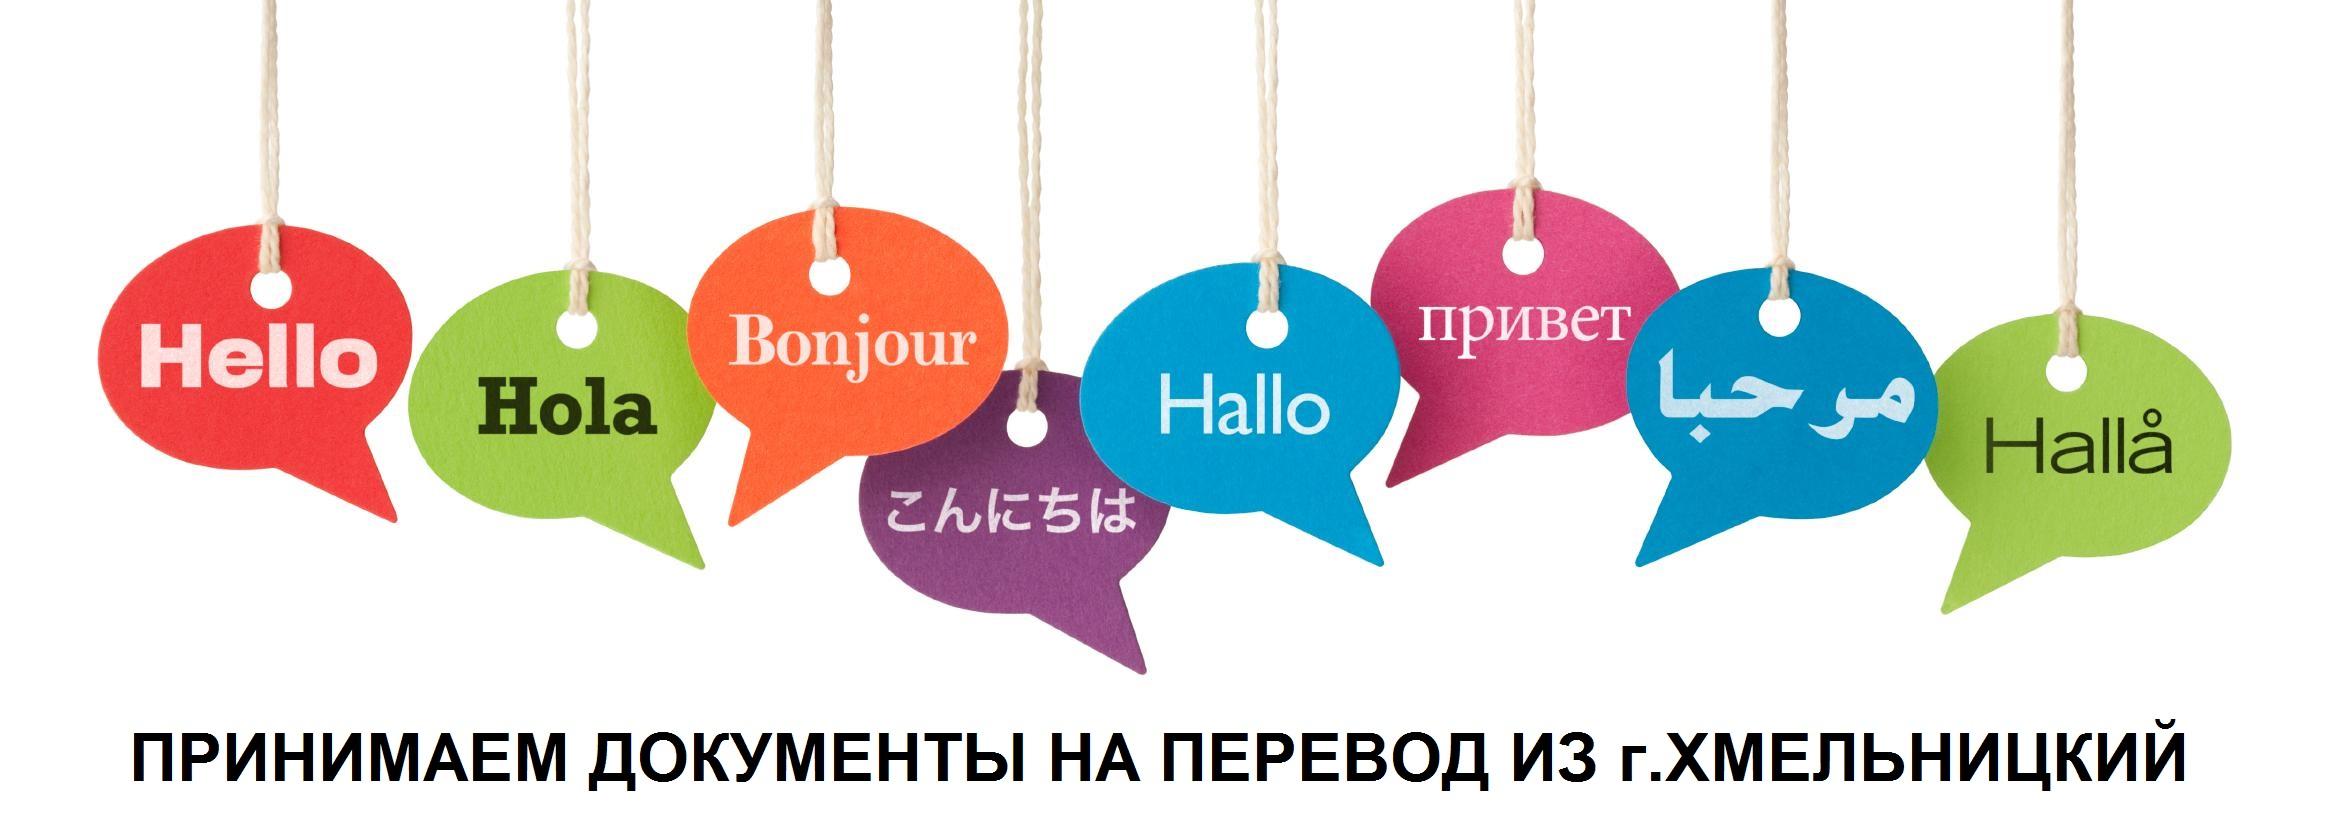 ПРИНИМАЕМ ДОКУМЕНТЫ НА ПЕРЕВОД ИЗ г.ХМЕЛЬНИЦКИЙ - SpravkaInform.com.ua